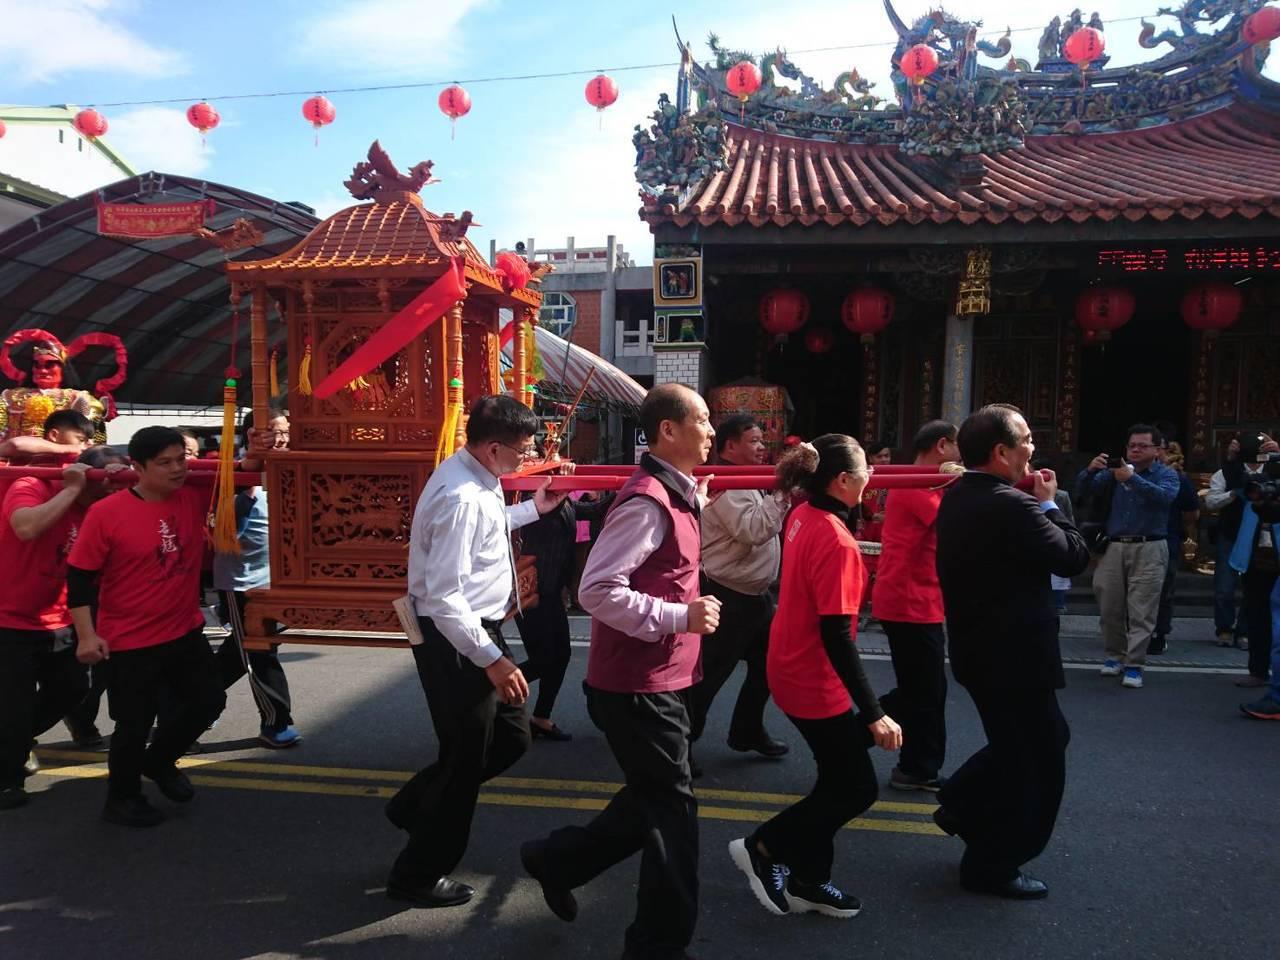 傳承上百年的宜蘭五結鄉無形文化「走尪」,明天(16日)至2月19日在利澤老街連辦...